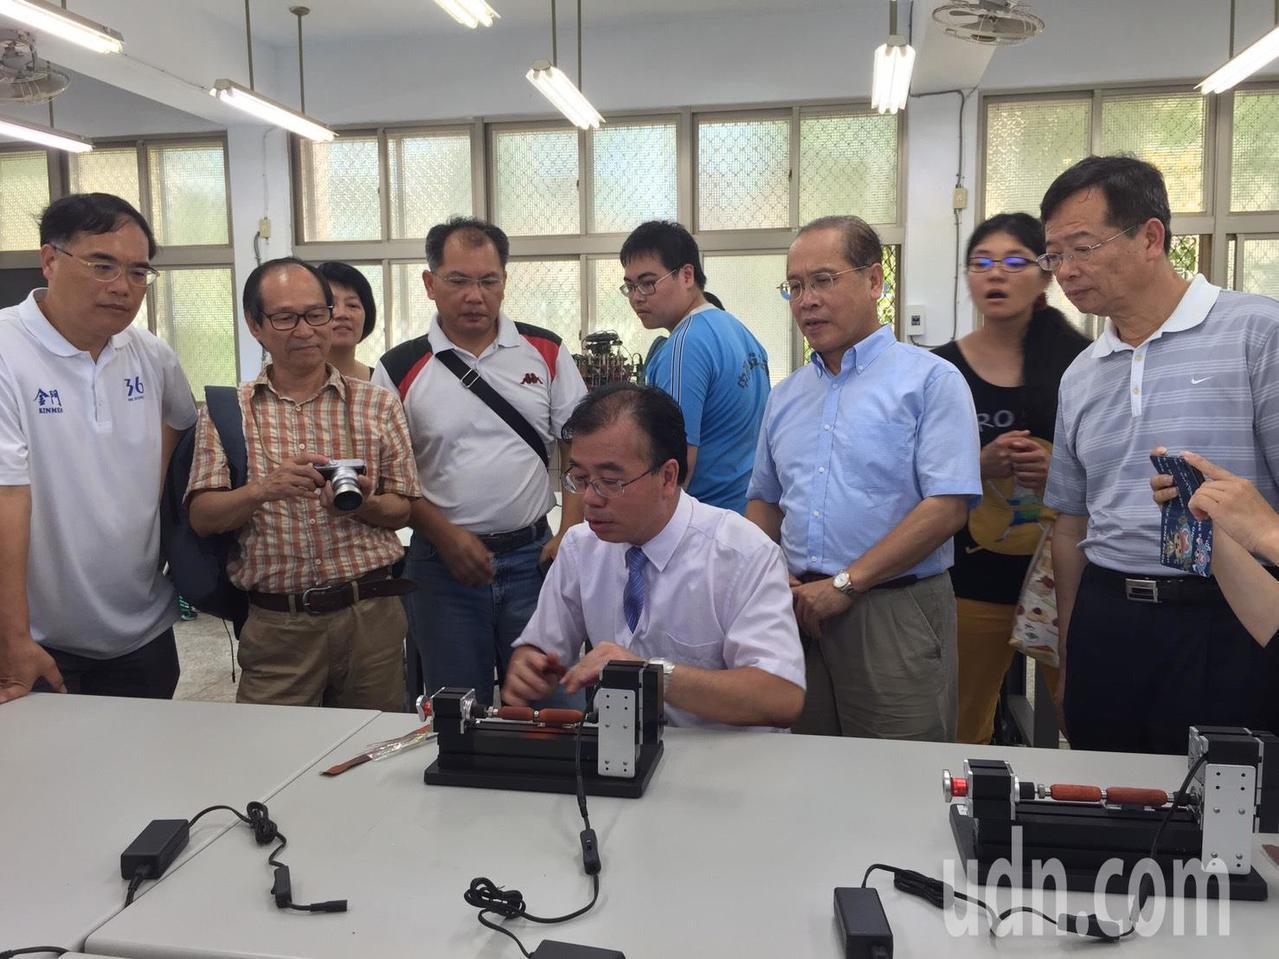 金門高中創客自造實驗室今天正式啟用,校長廖俊仁親自示範用小車床打造木製筆,讓眾人...